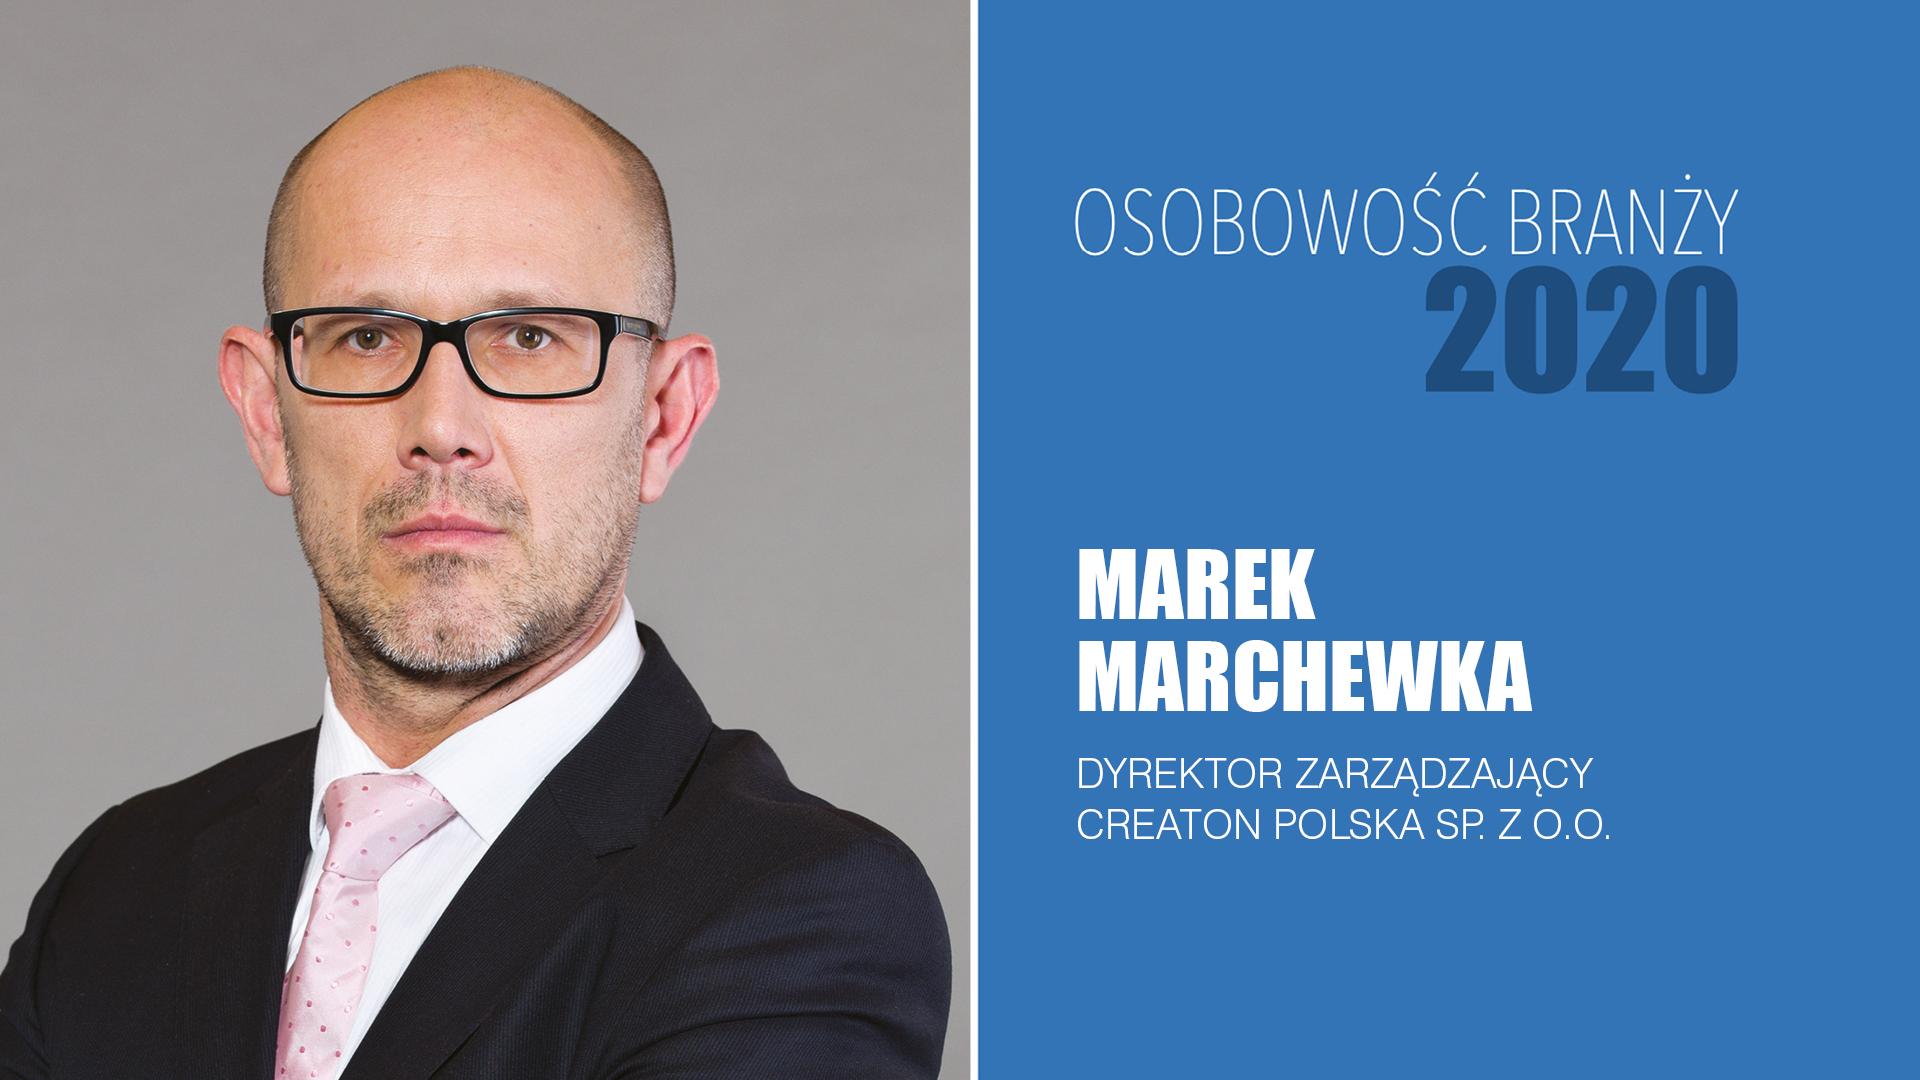 MAREK MARCHEWKA – Osobowość Branży 2020